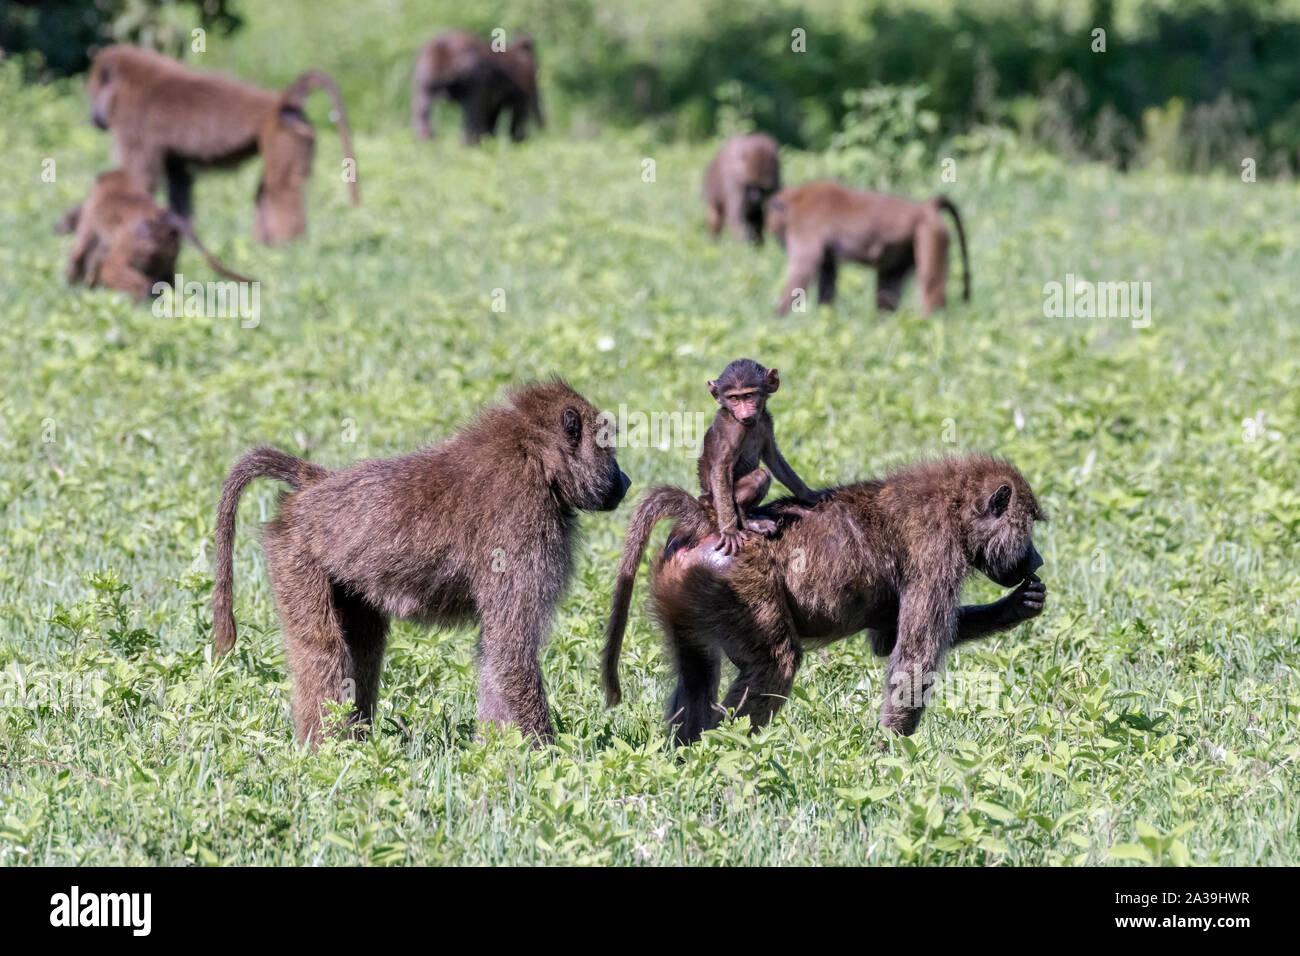 Zu nahe für Komfort, Baby olive Baboon reagiert auf die Anwesenheit einer großen Pavian, Ngorongoro Krater, Tansania Stockfoto